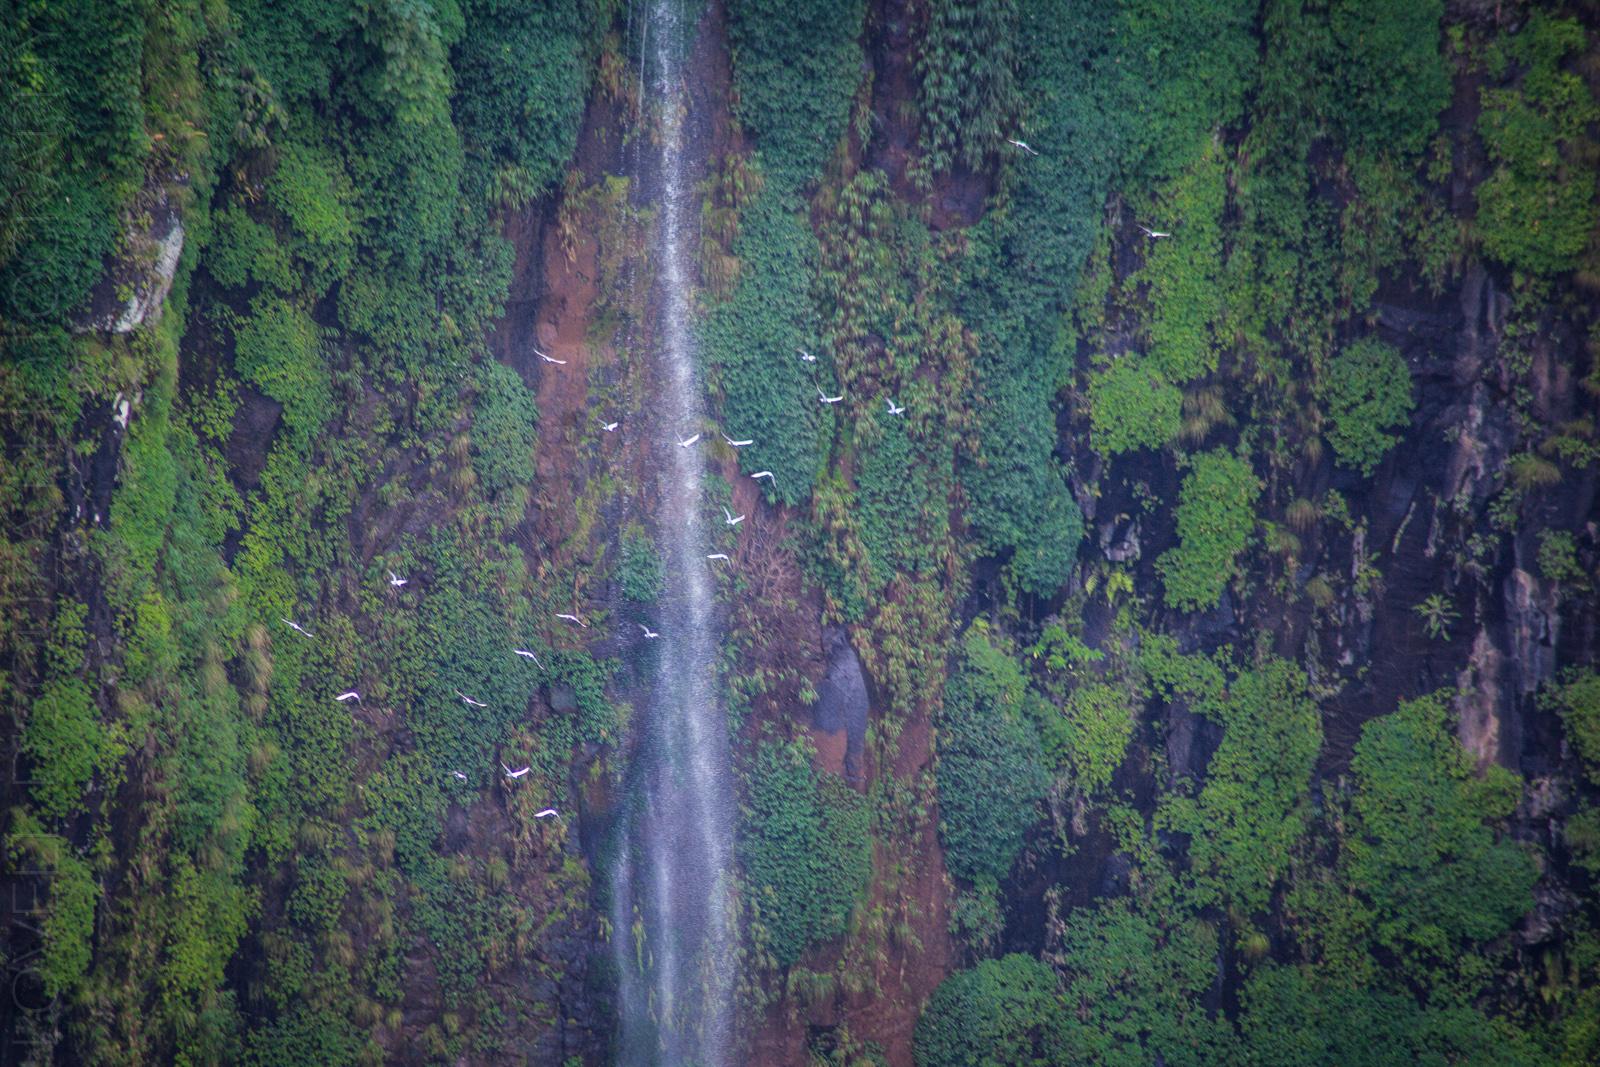 Birds fly by the Thoseghar Waterfalls, Maharashtra